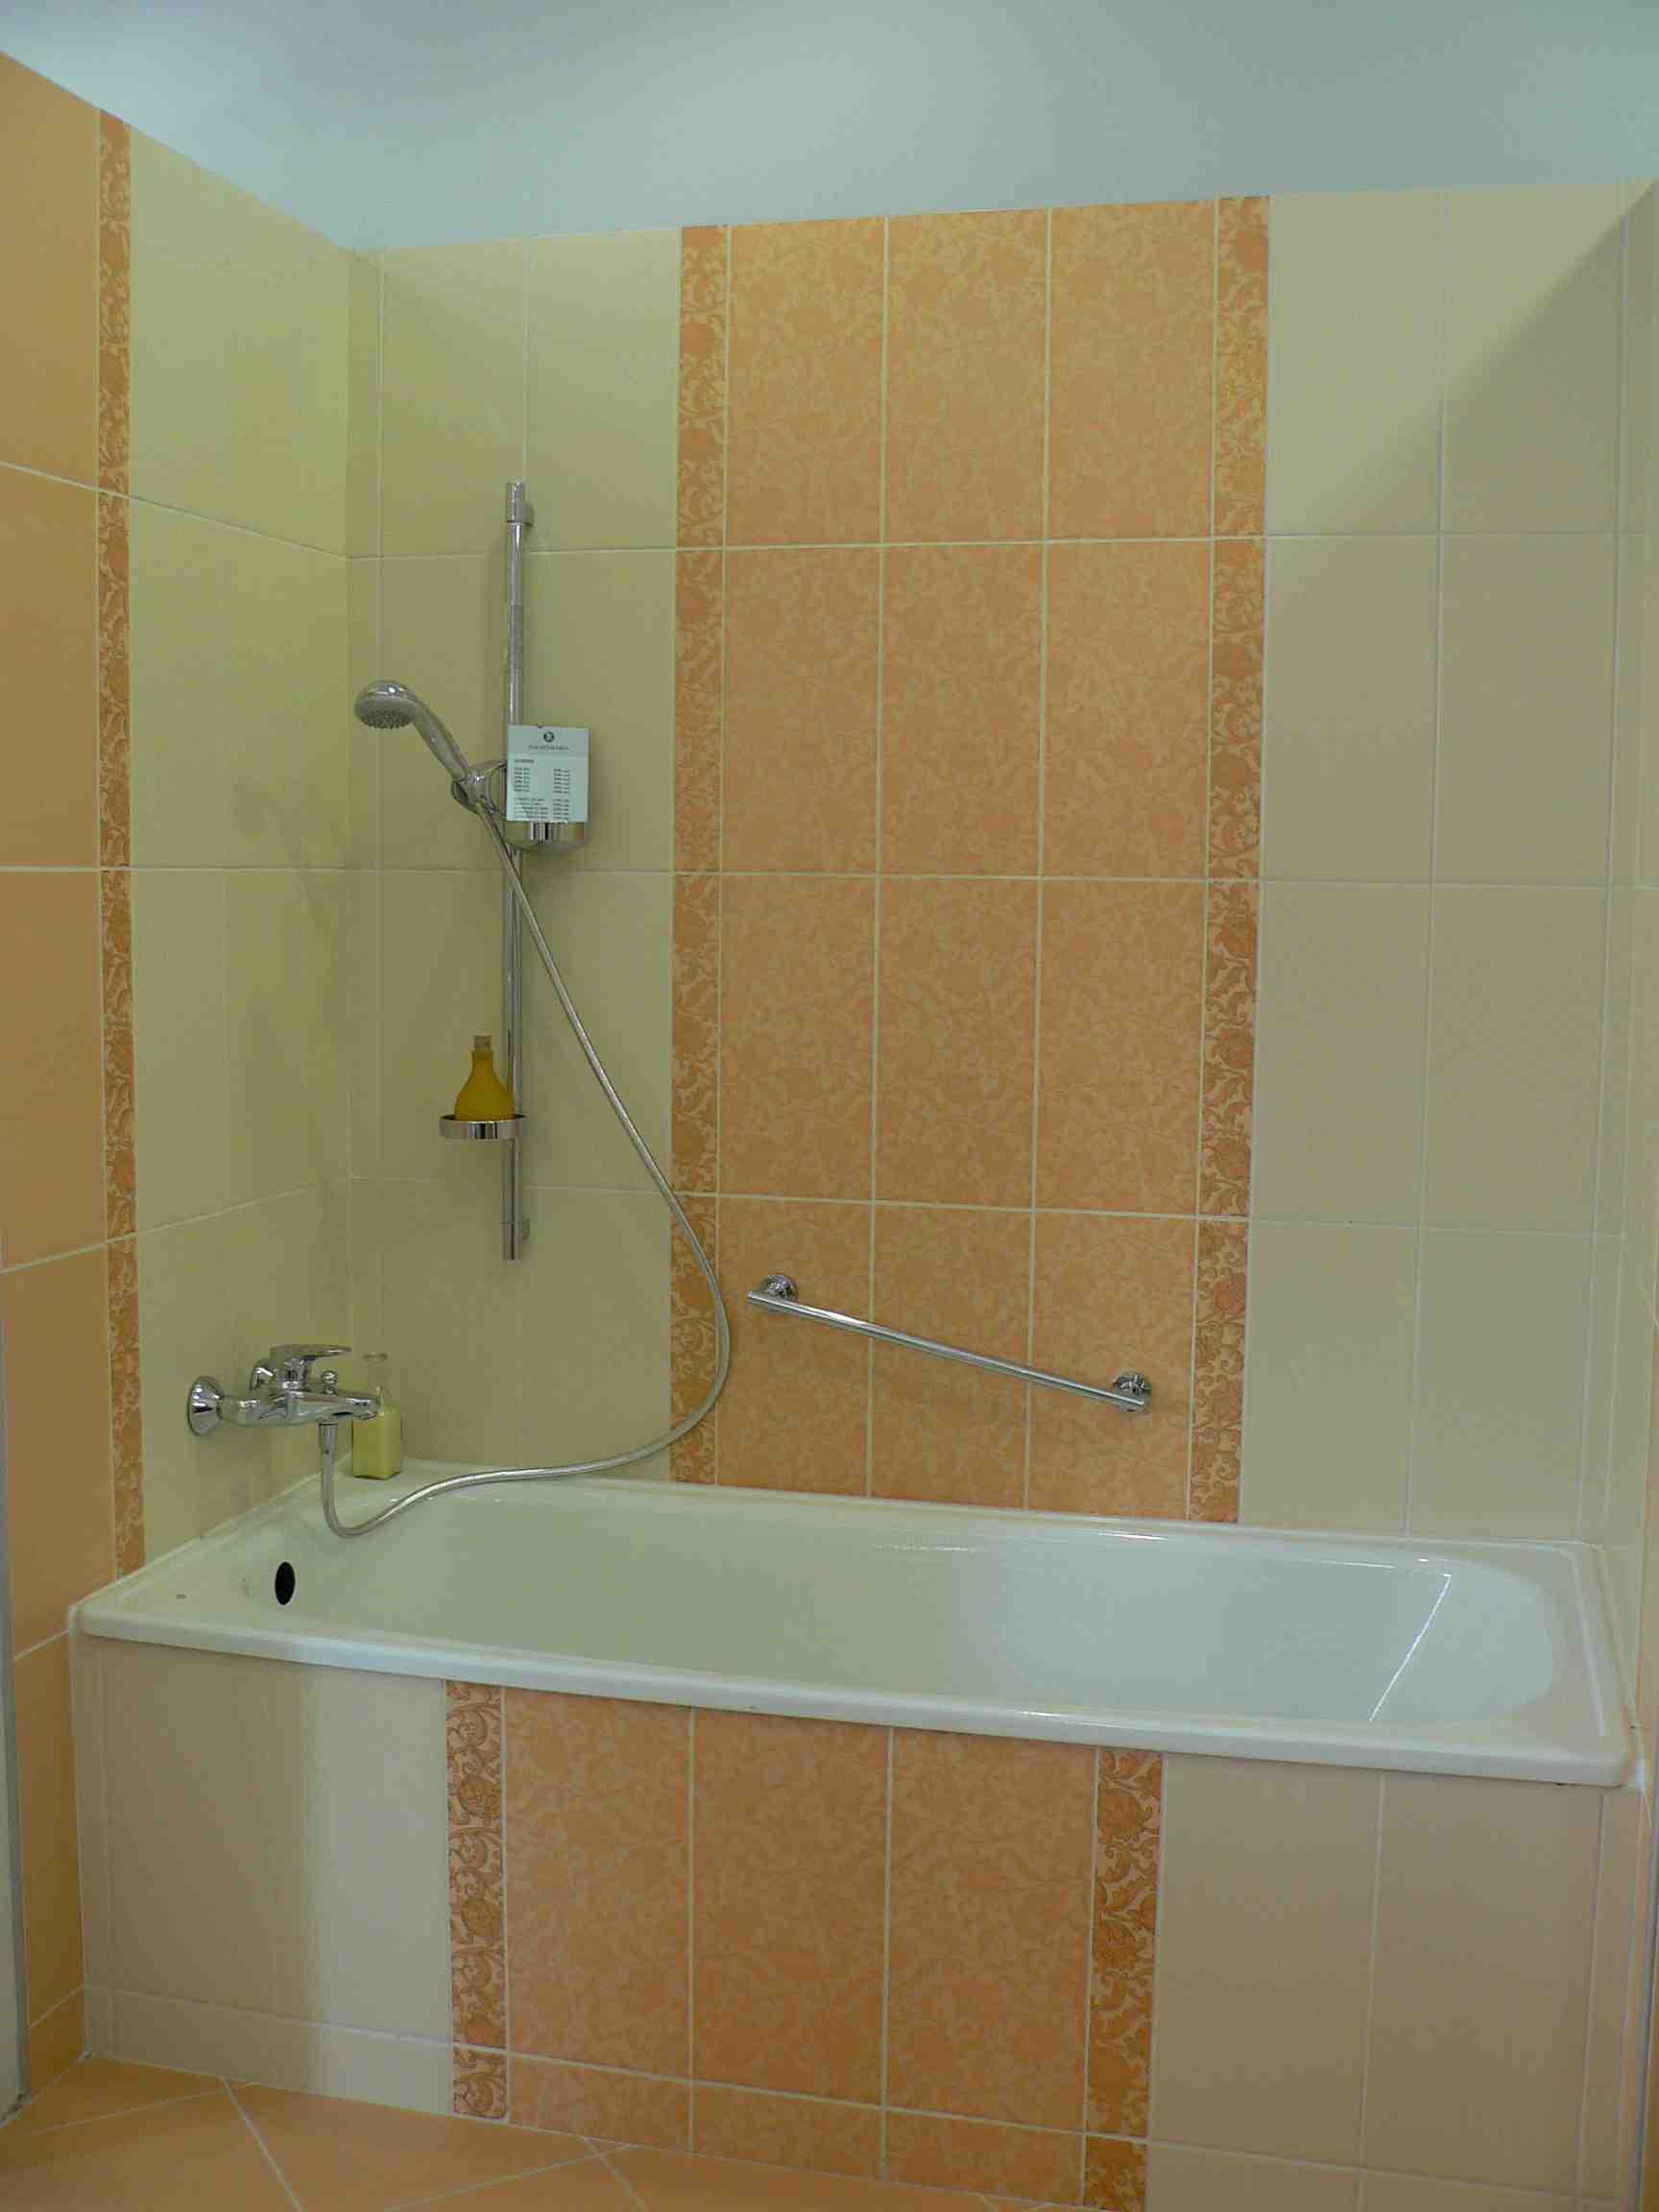 8f4ac66b01 Fürdőszoba szalon mustra: Diszkrét elegancia - Fürdőszoba Titkok